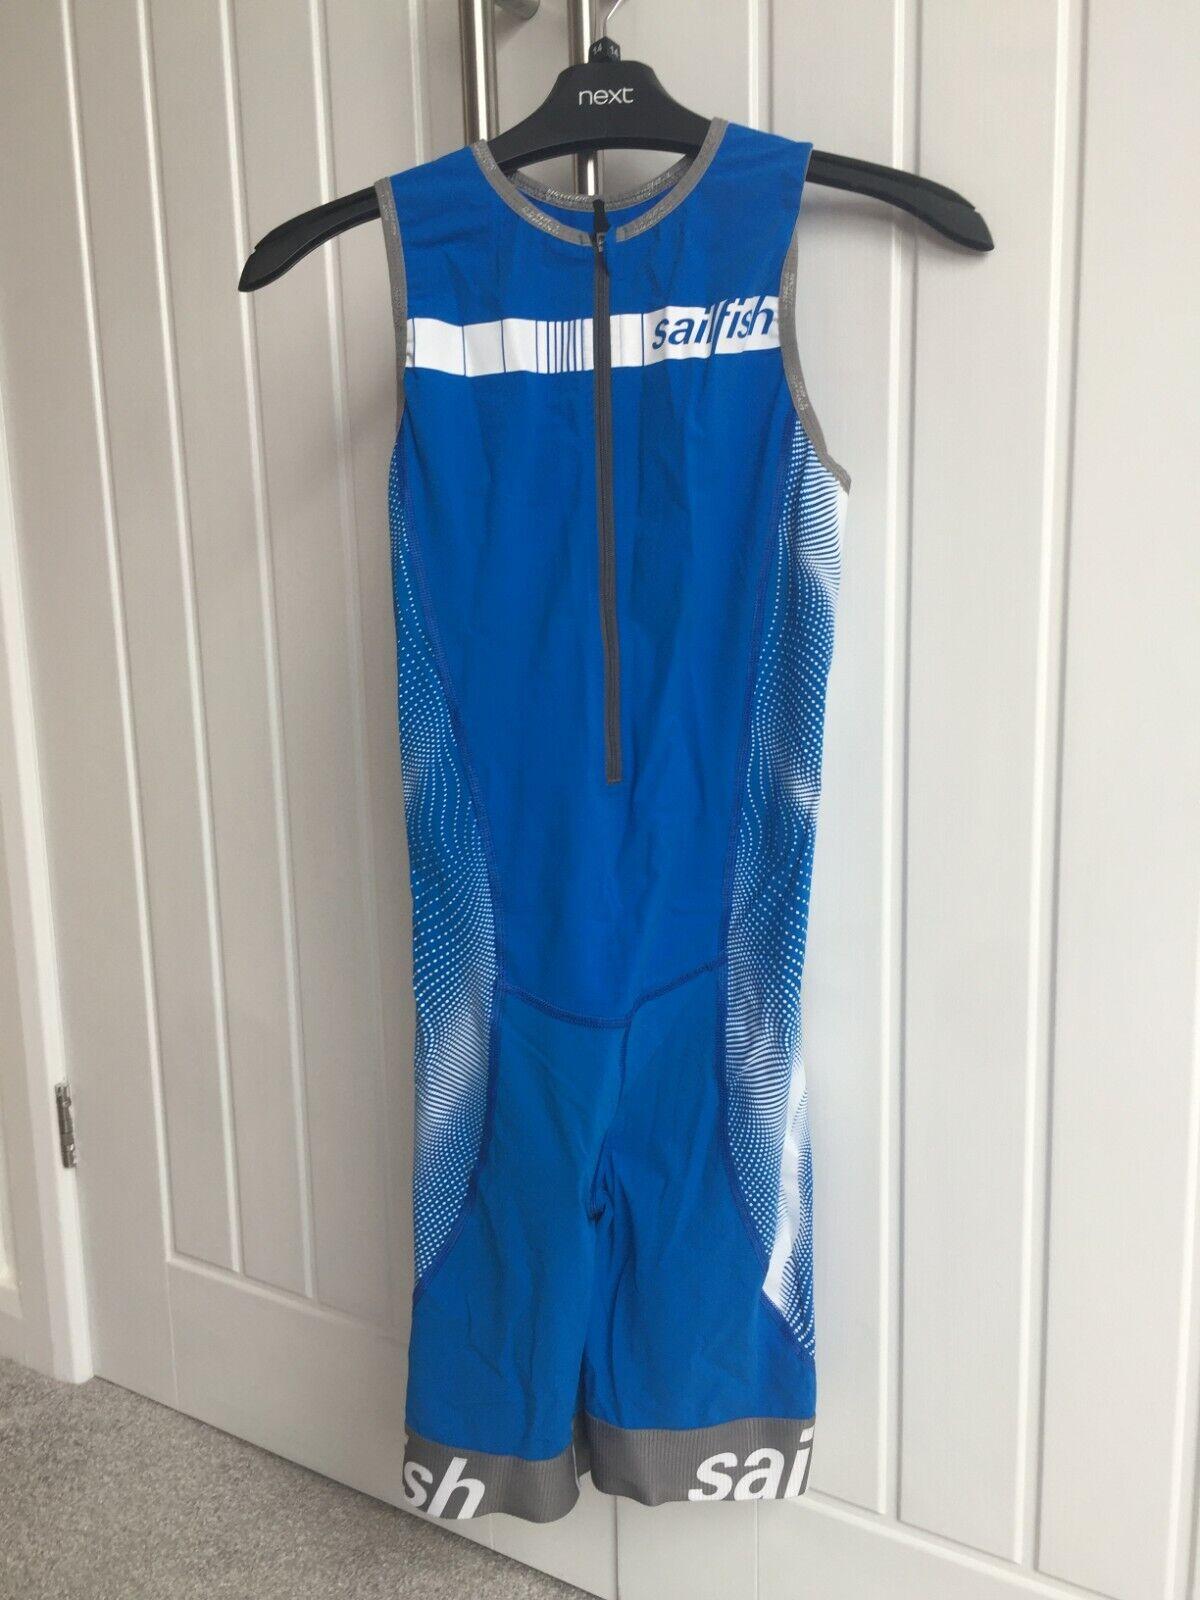 Vrouwelijke Zeevis Comp 2019 trisuit